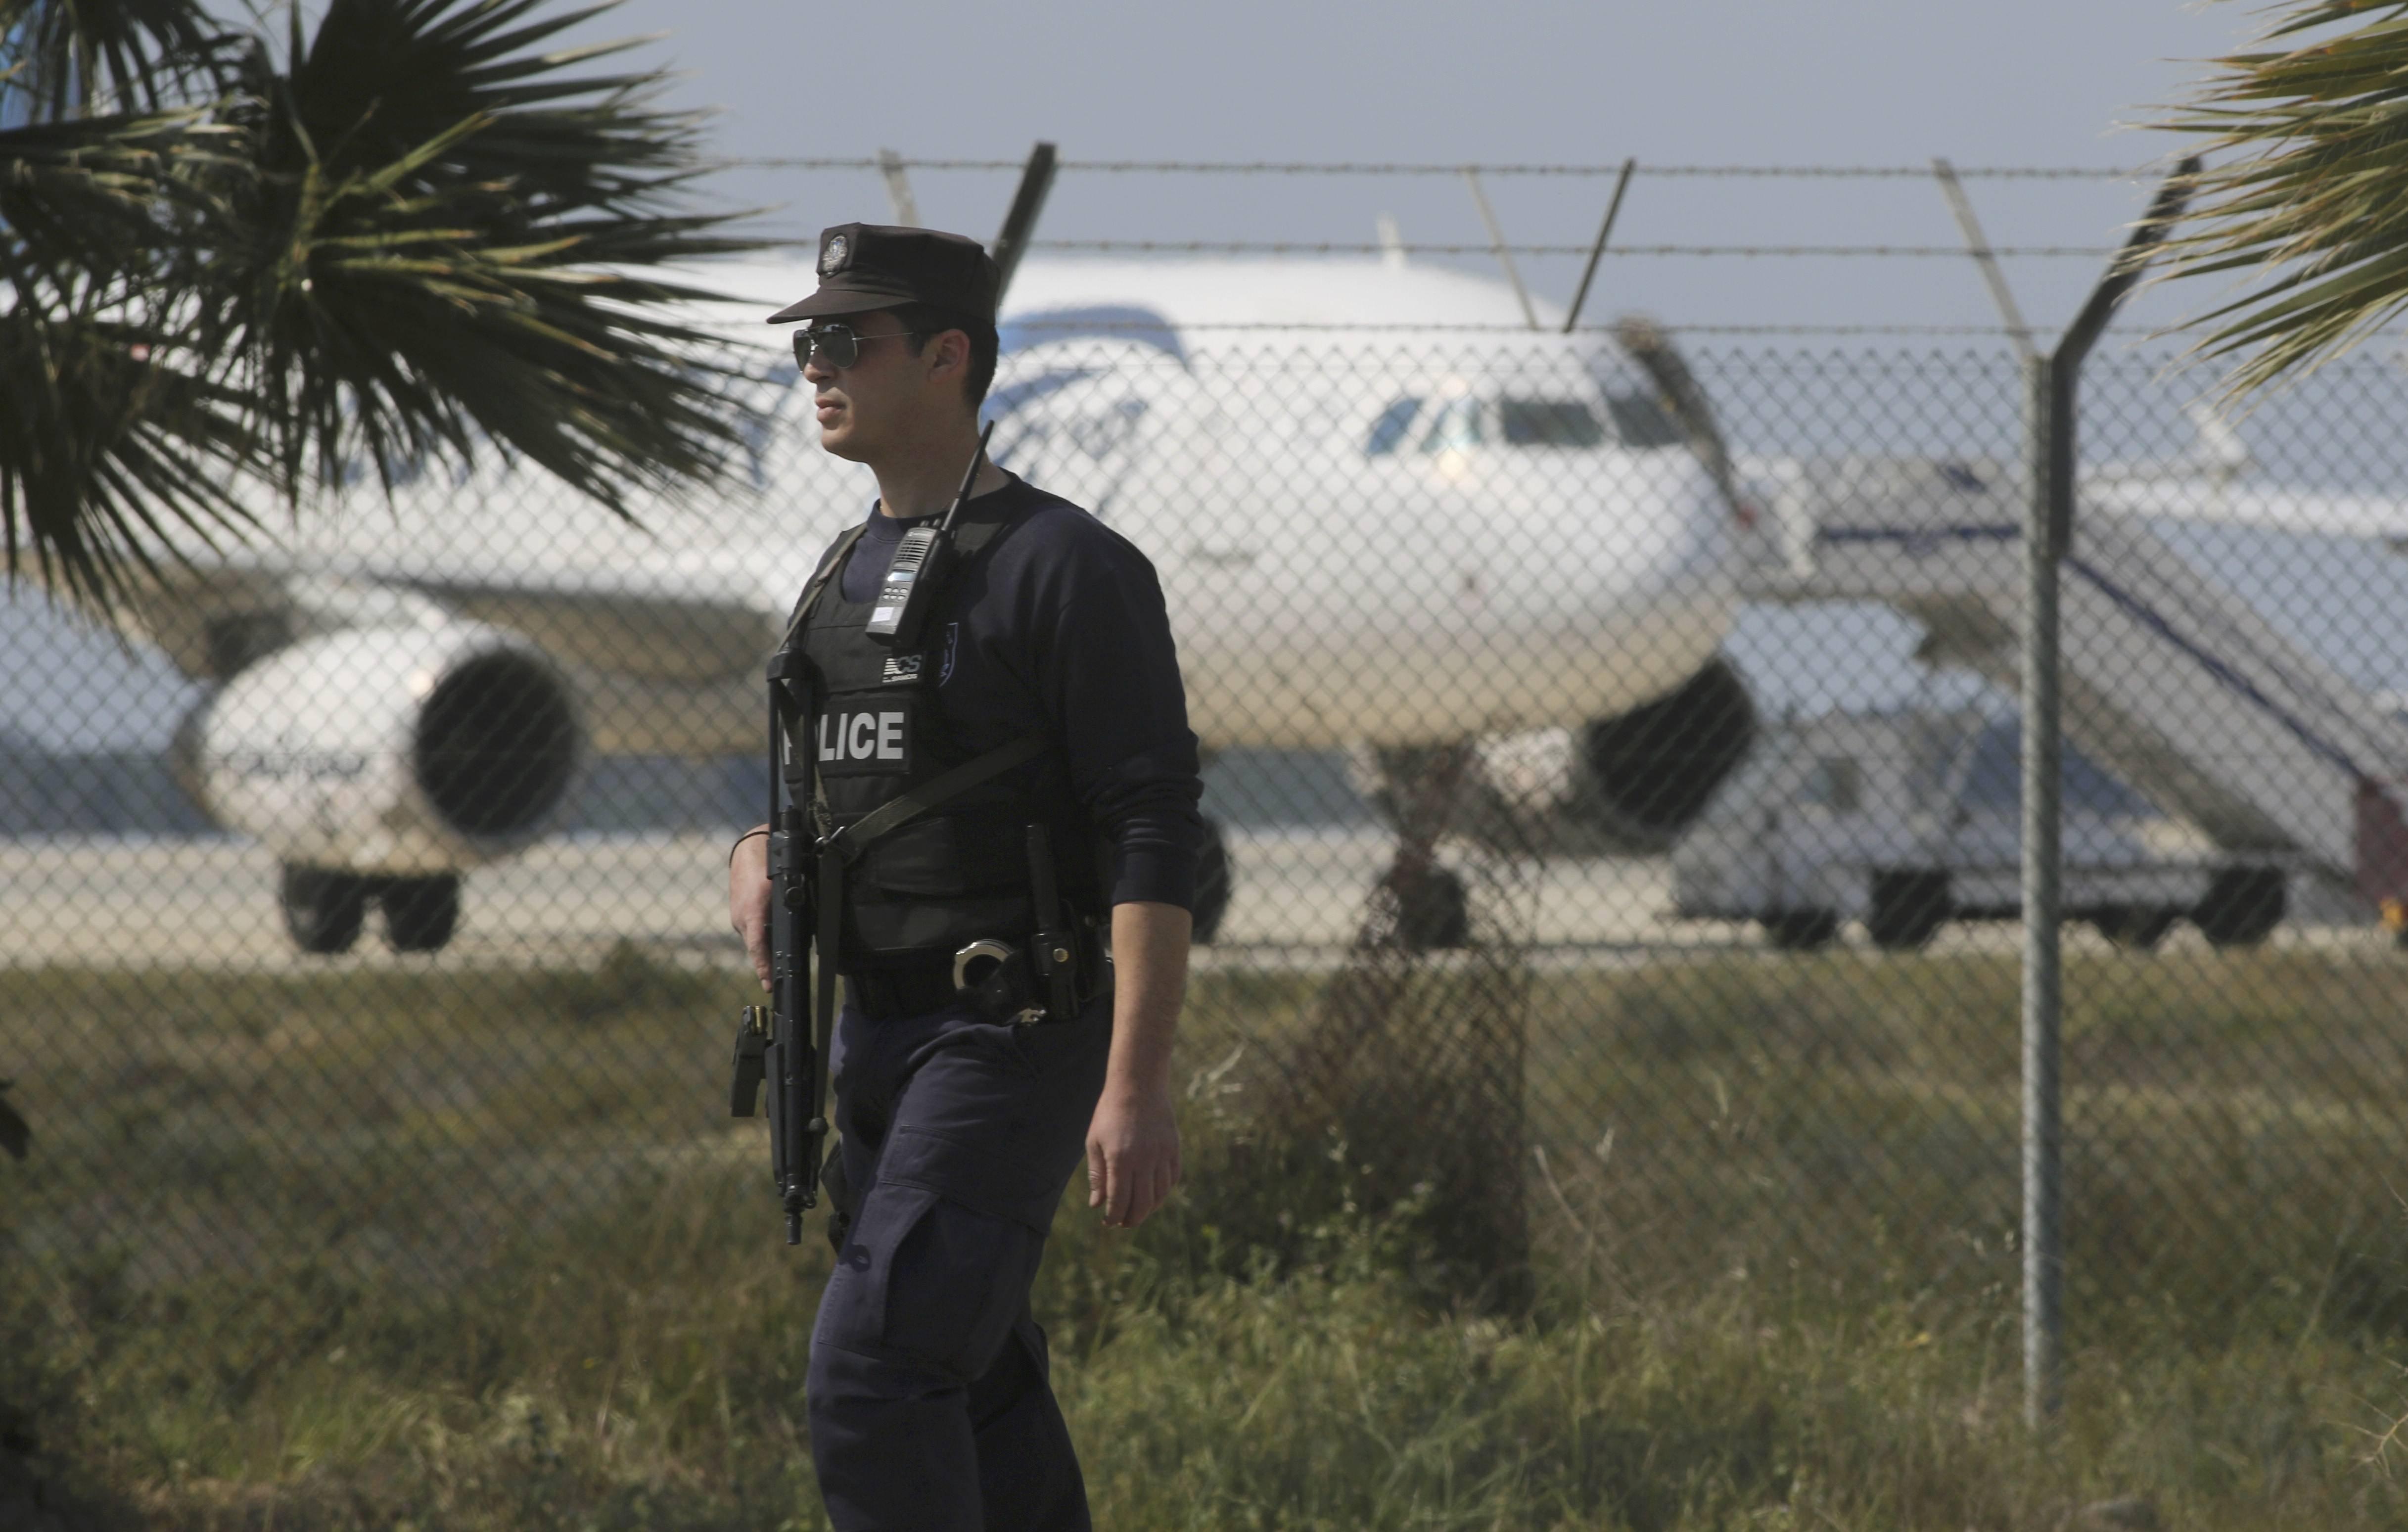 Захваченный самолет в аэропорту Ларнака на Кипре